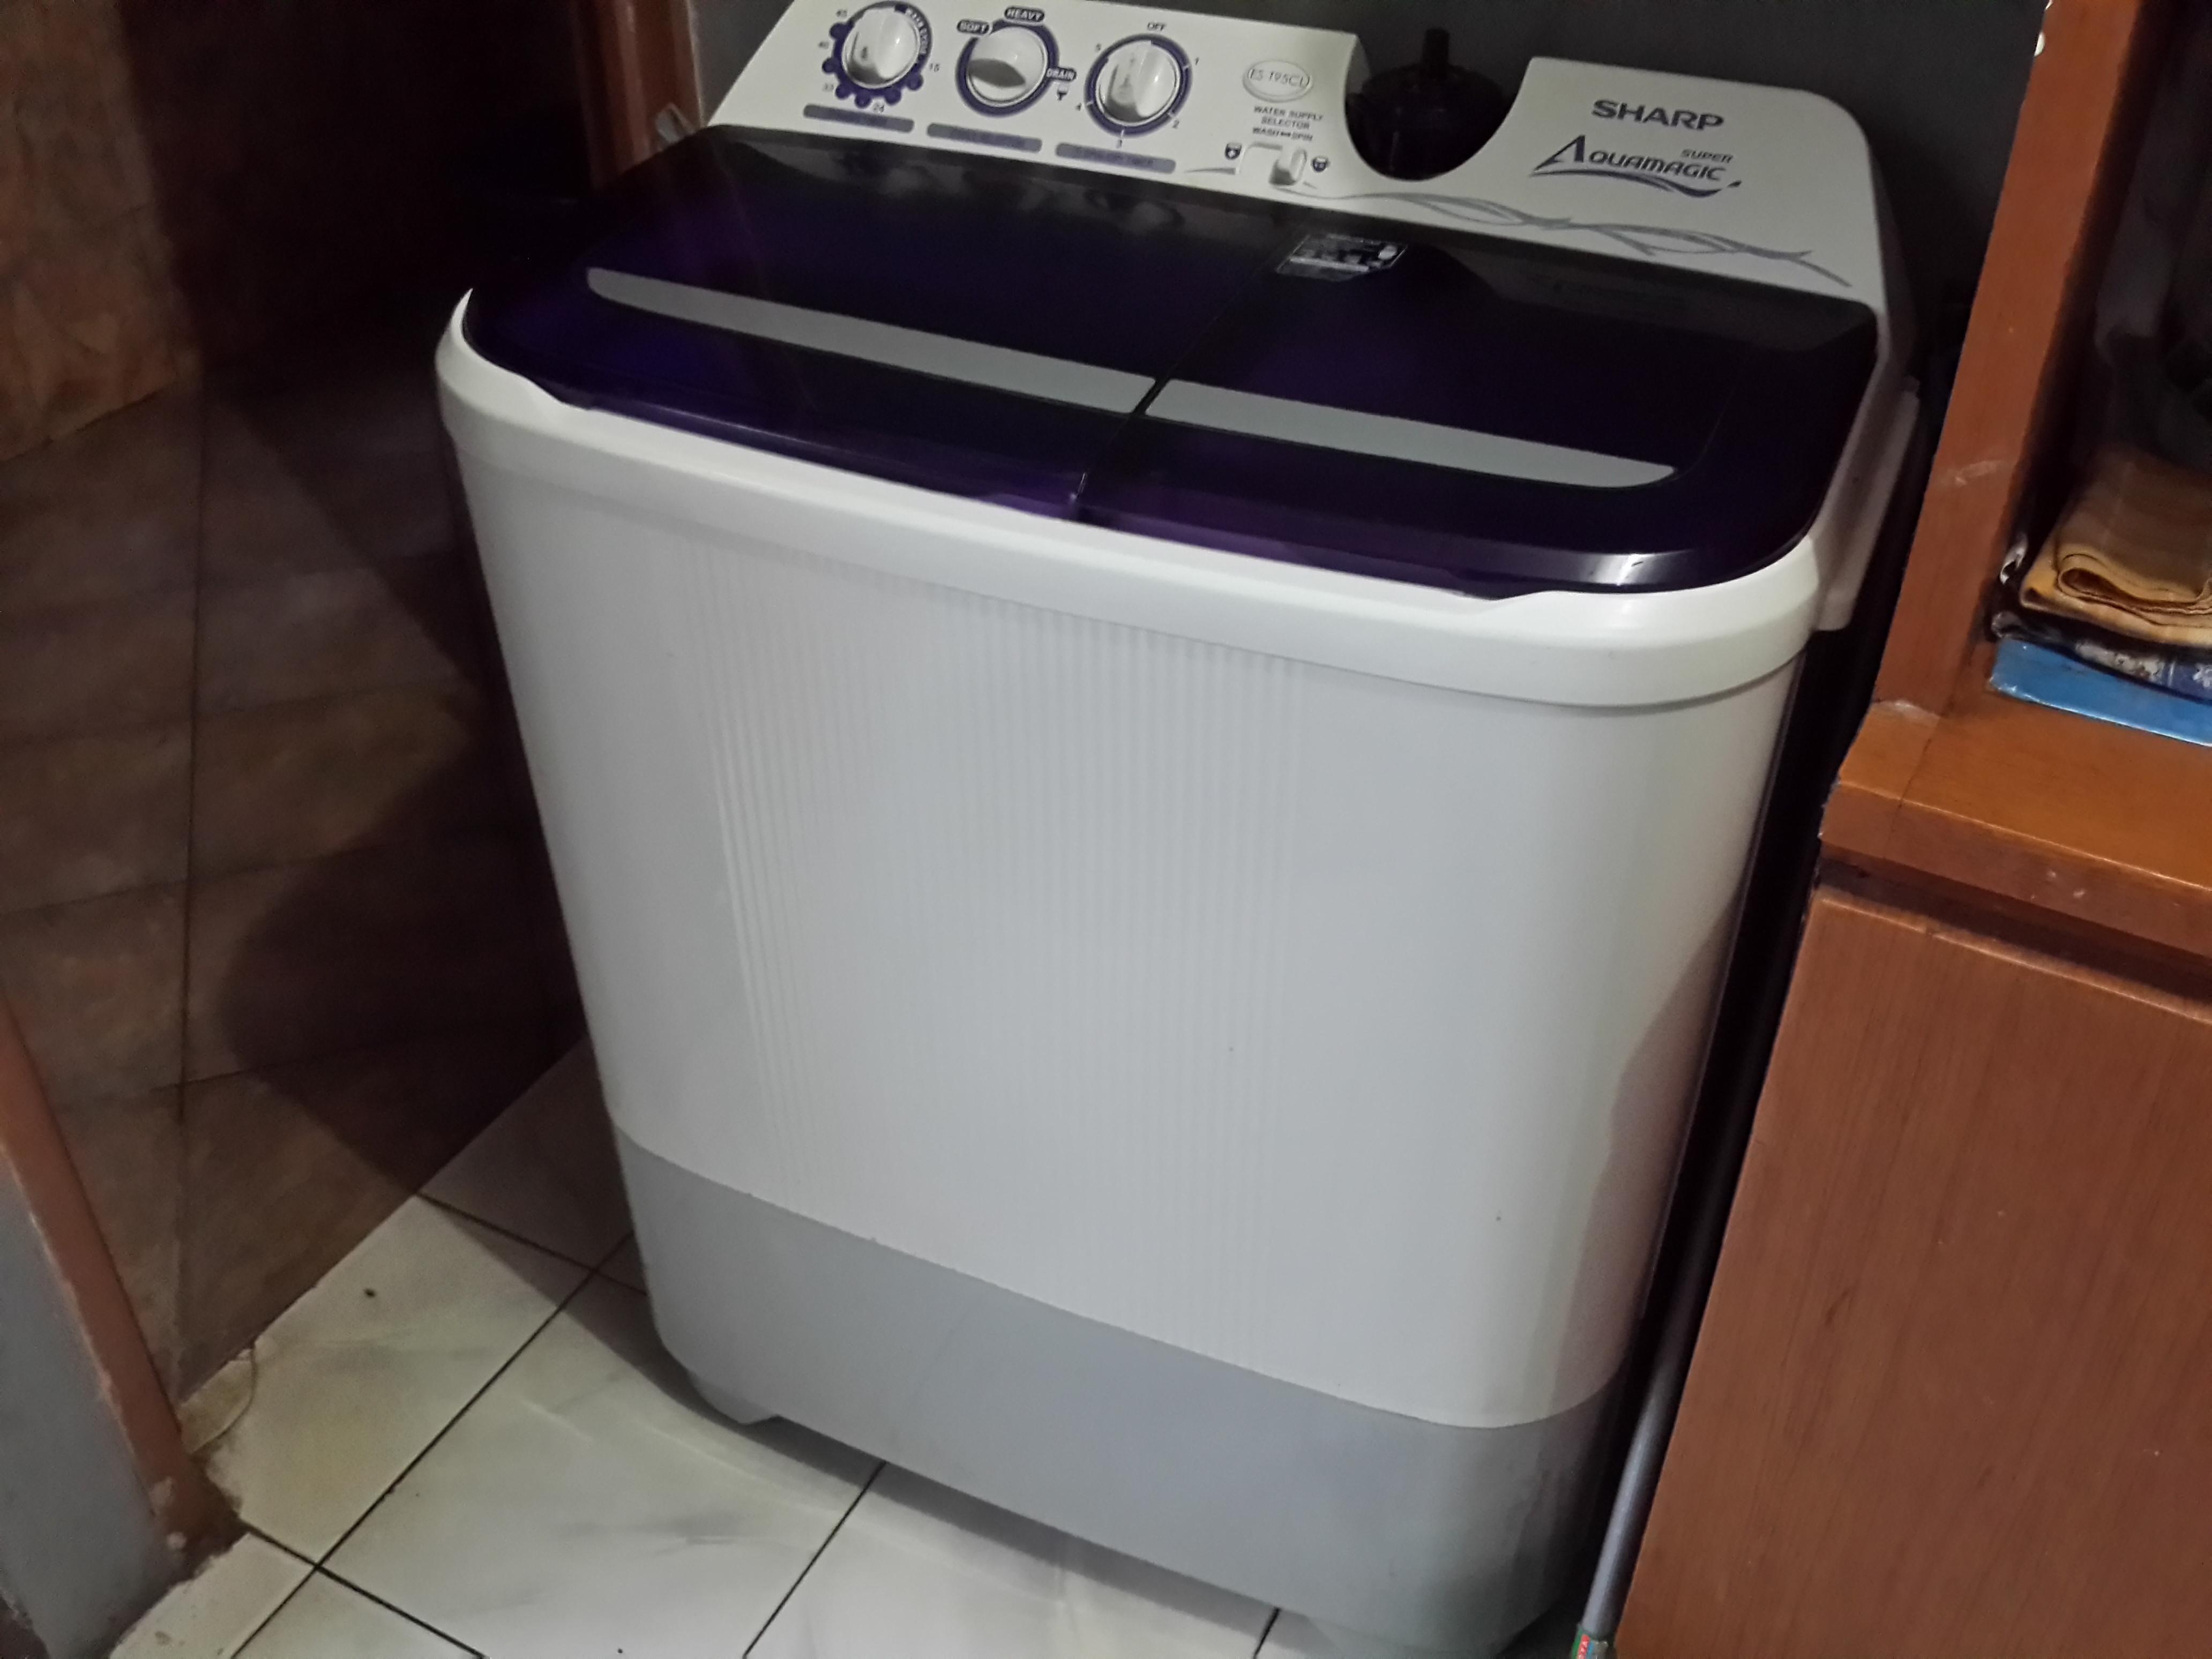 Peluang bisnis laundry kiloan rumahan modal kecil